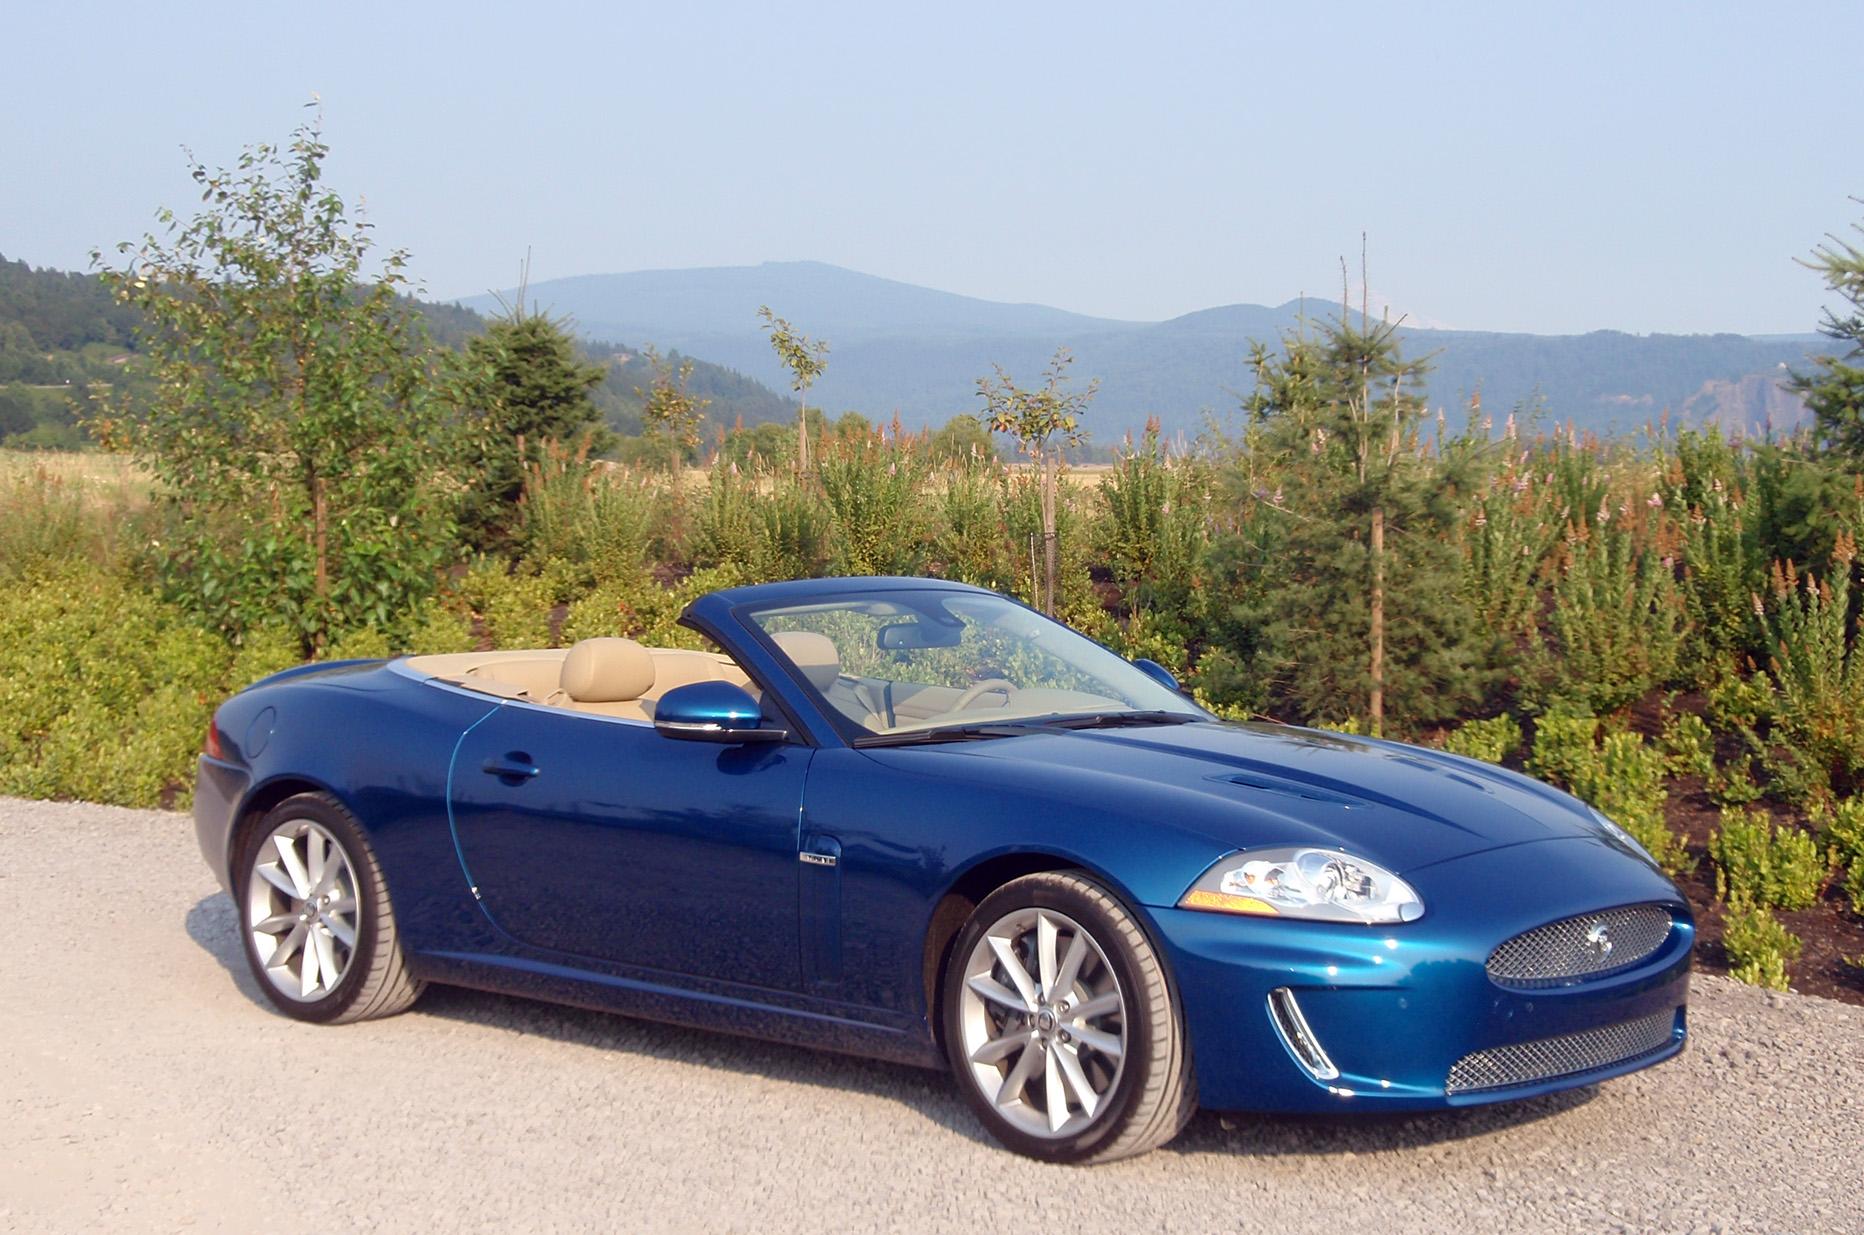 xk convertible jaguar wallpaper